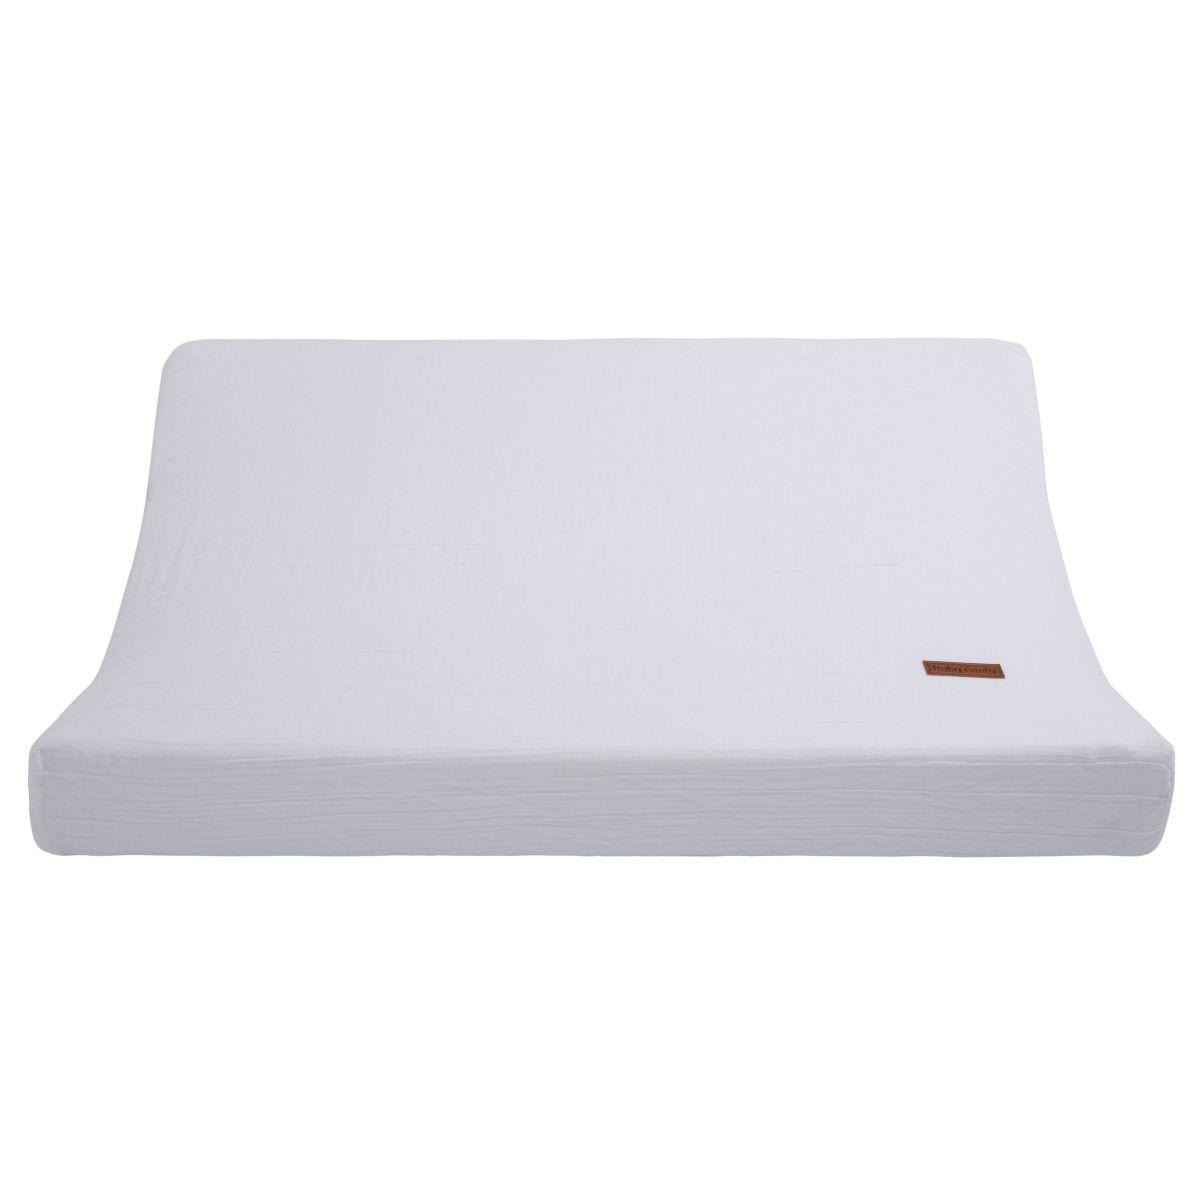 aankleedkussenhoes breeze wit 45x70